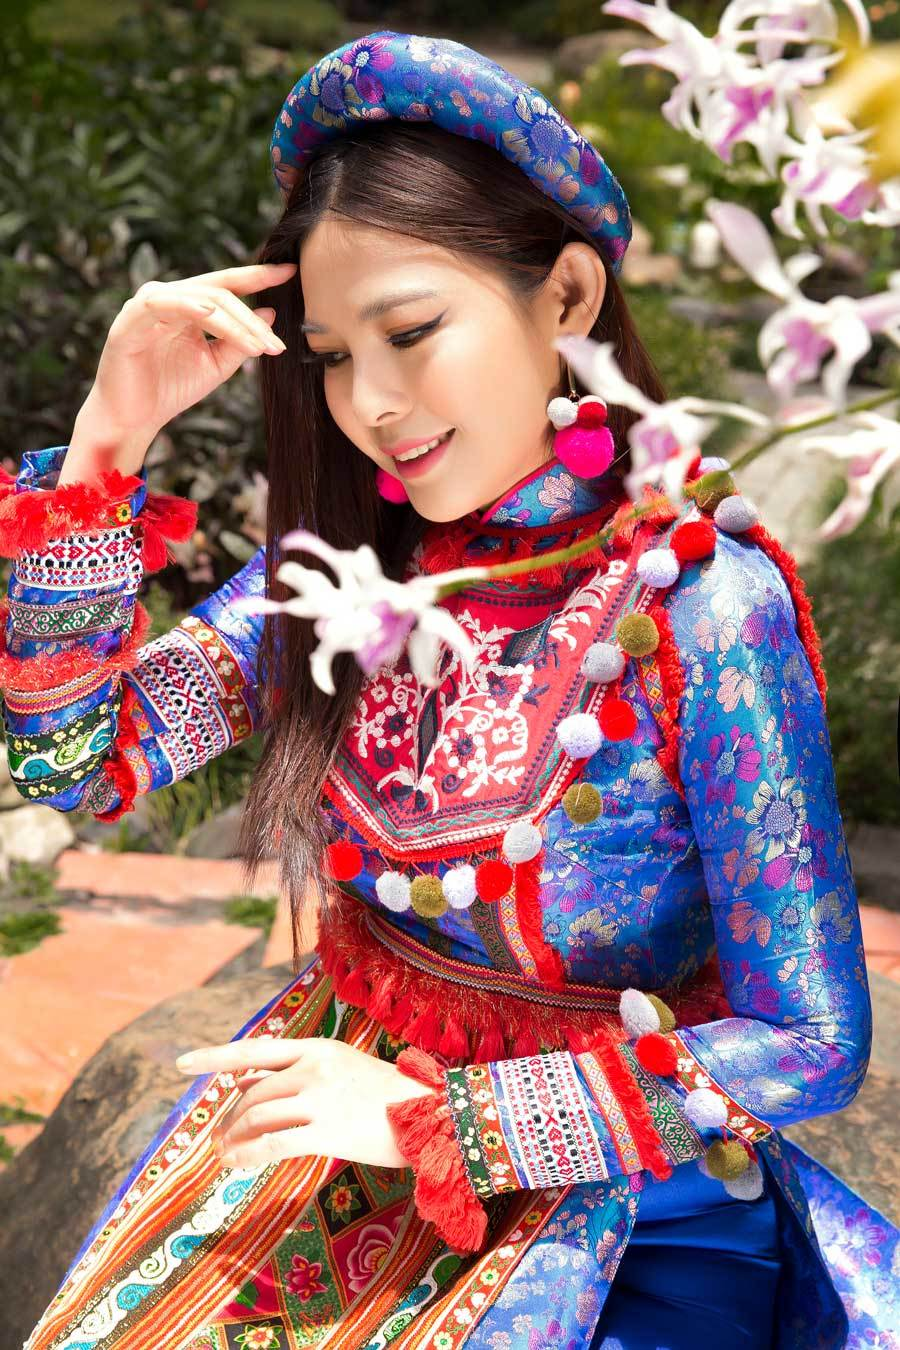 Kim Thanh Thảo truyền thông điệp bảo tồn văn hoá thổ cẩm dân tộc